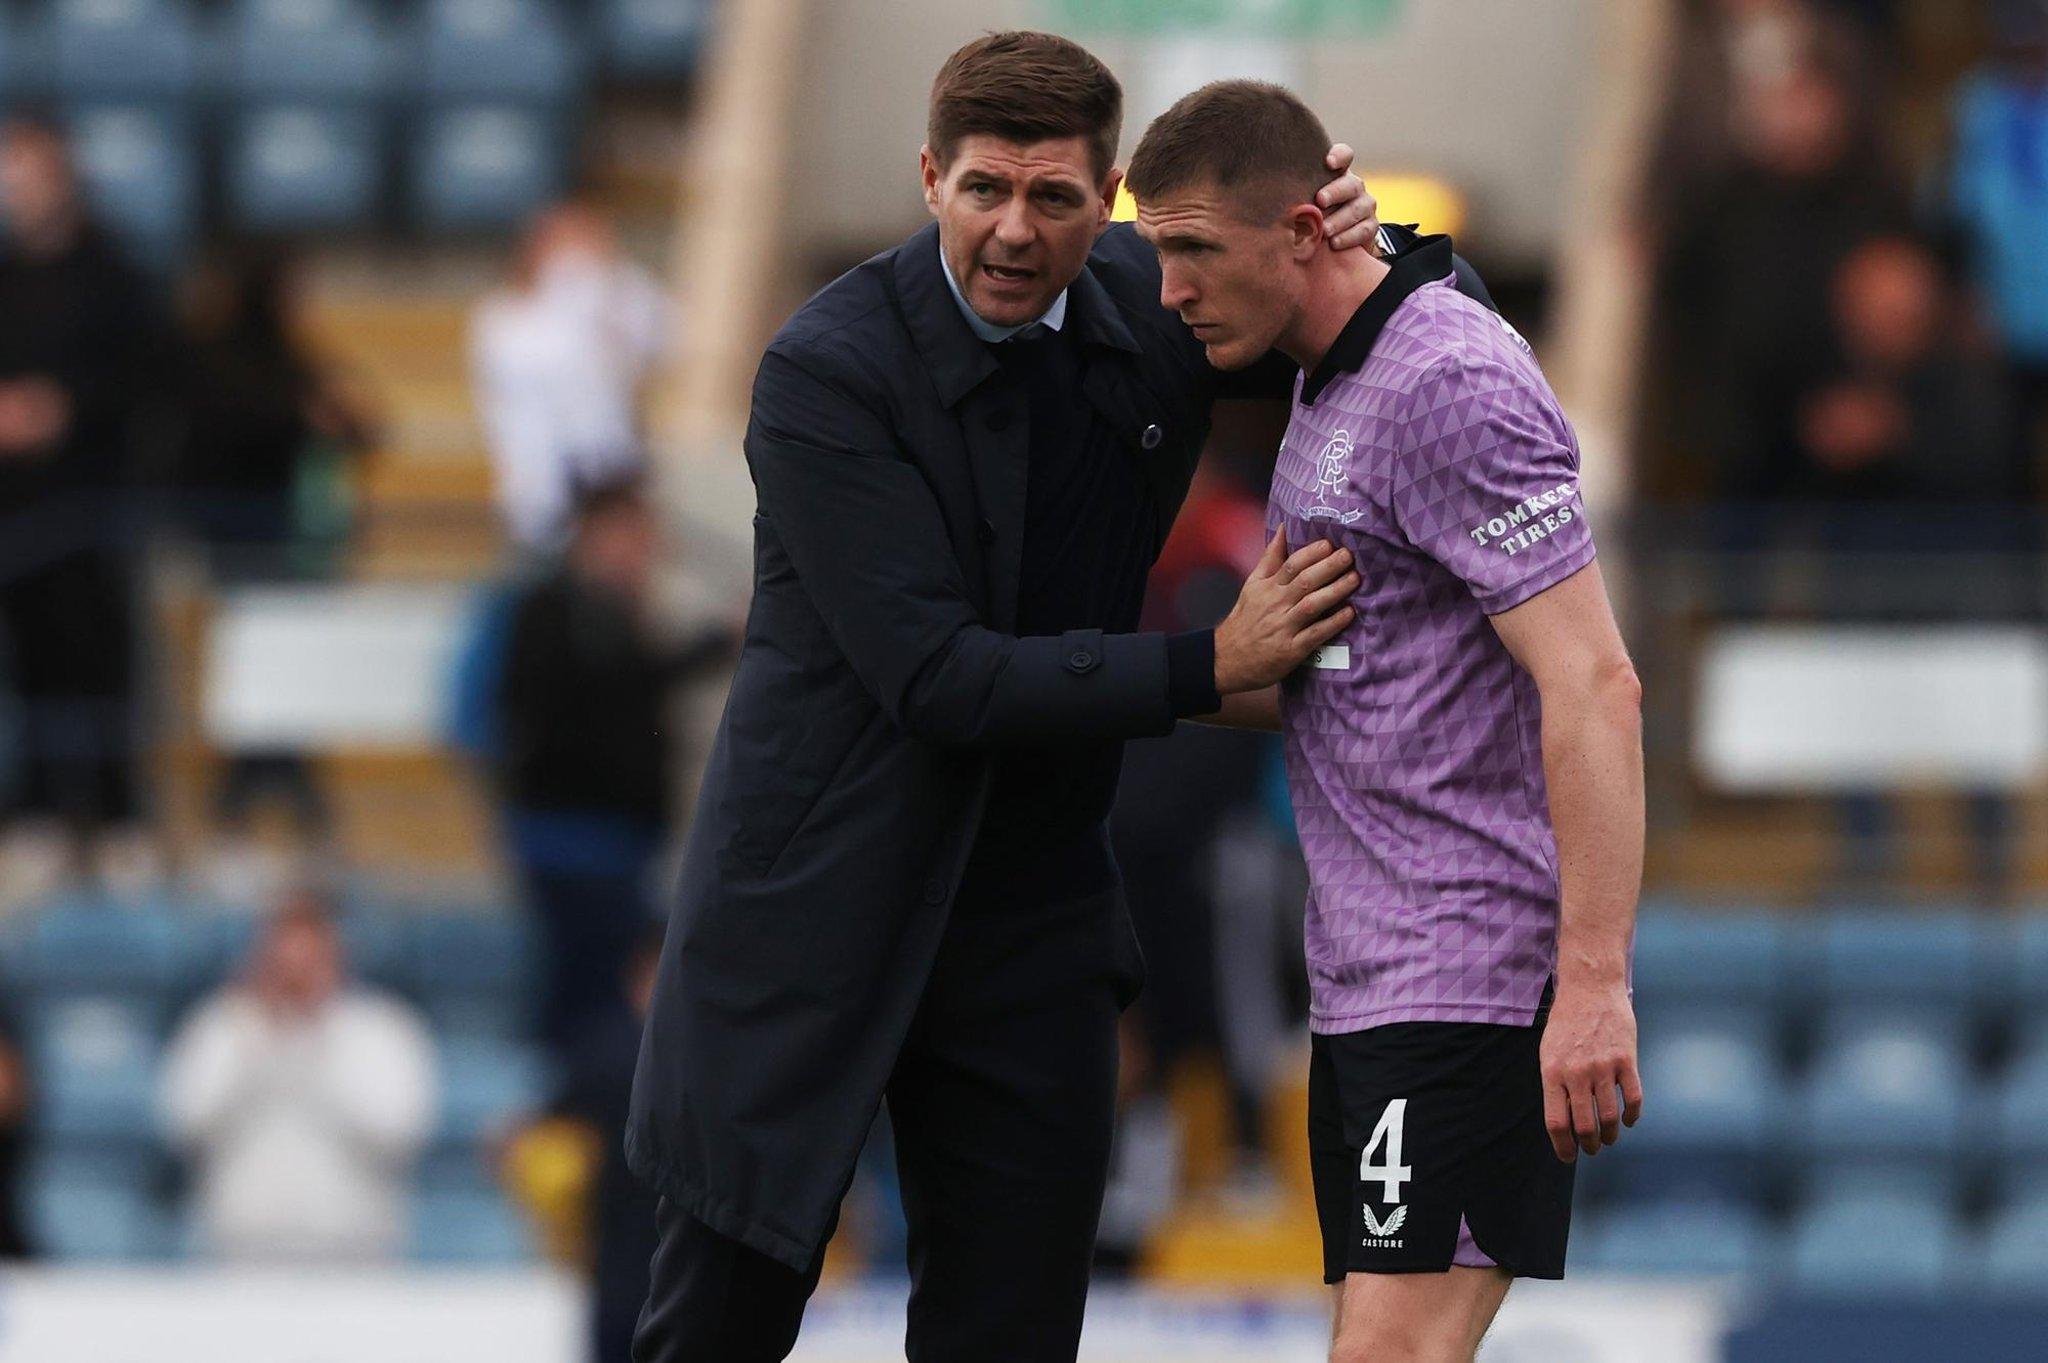 Tidak ada 'Kisah Shane Duffy' untuk penandatanganan Rangers, striker dalam bentuk layak dipertimbangkan Skotlandia, penyerang Celtic kehabisan peluang – pemenang dan pecundang akhir pekan sepak bola Skotlandia